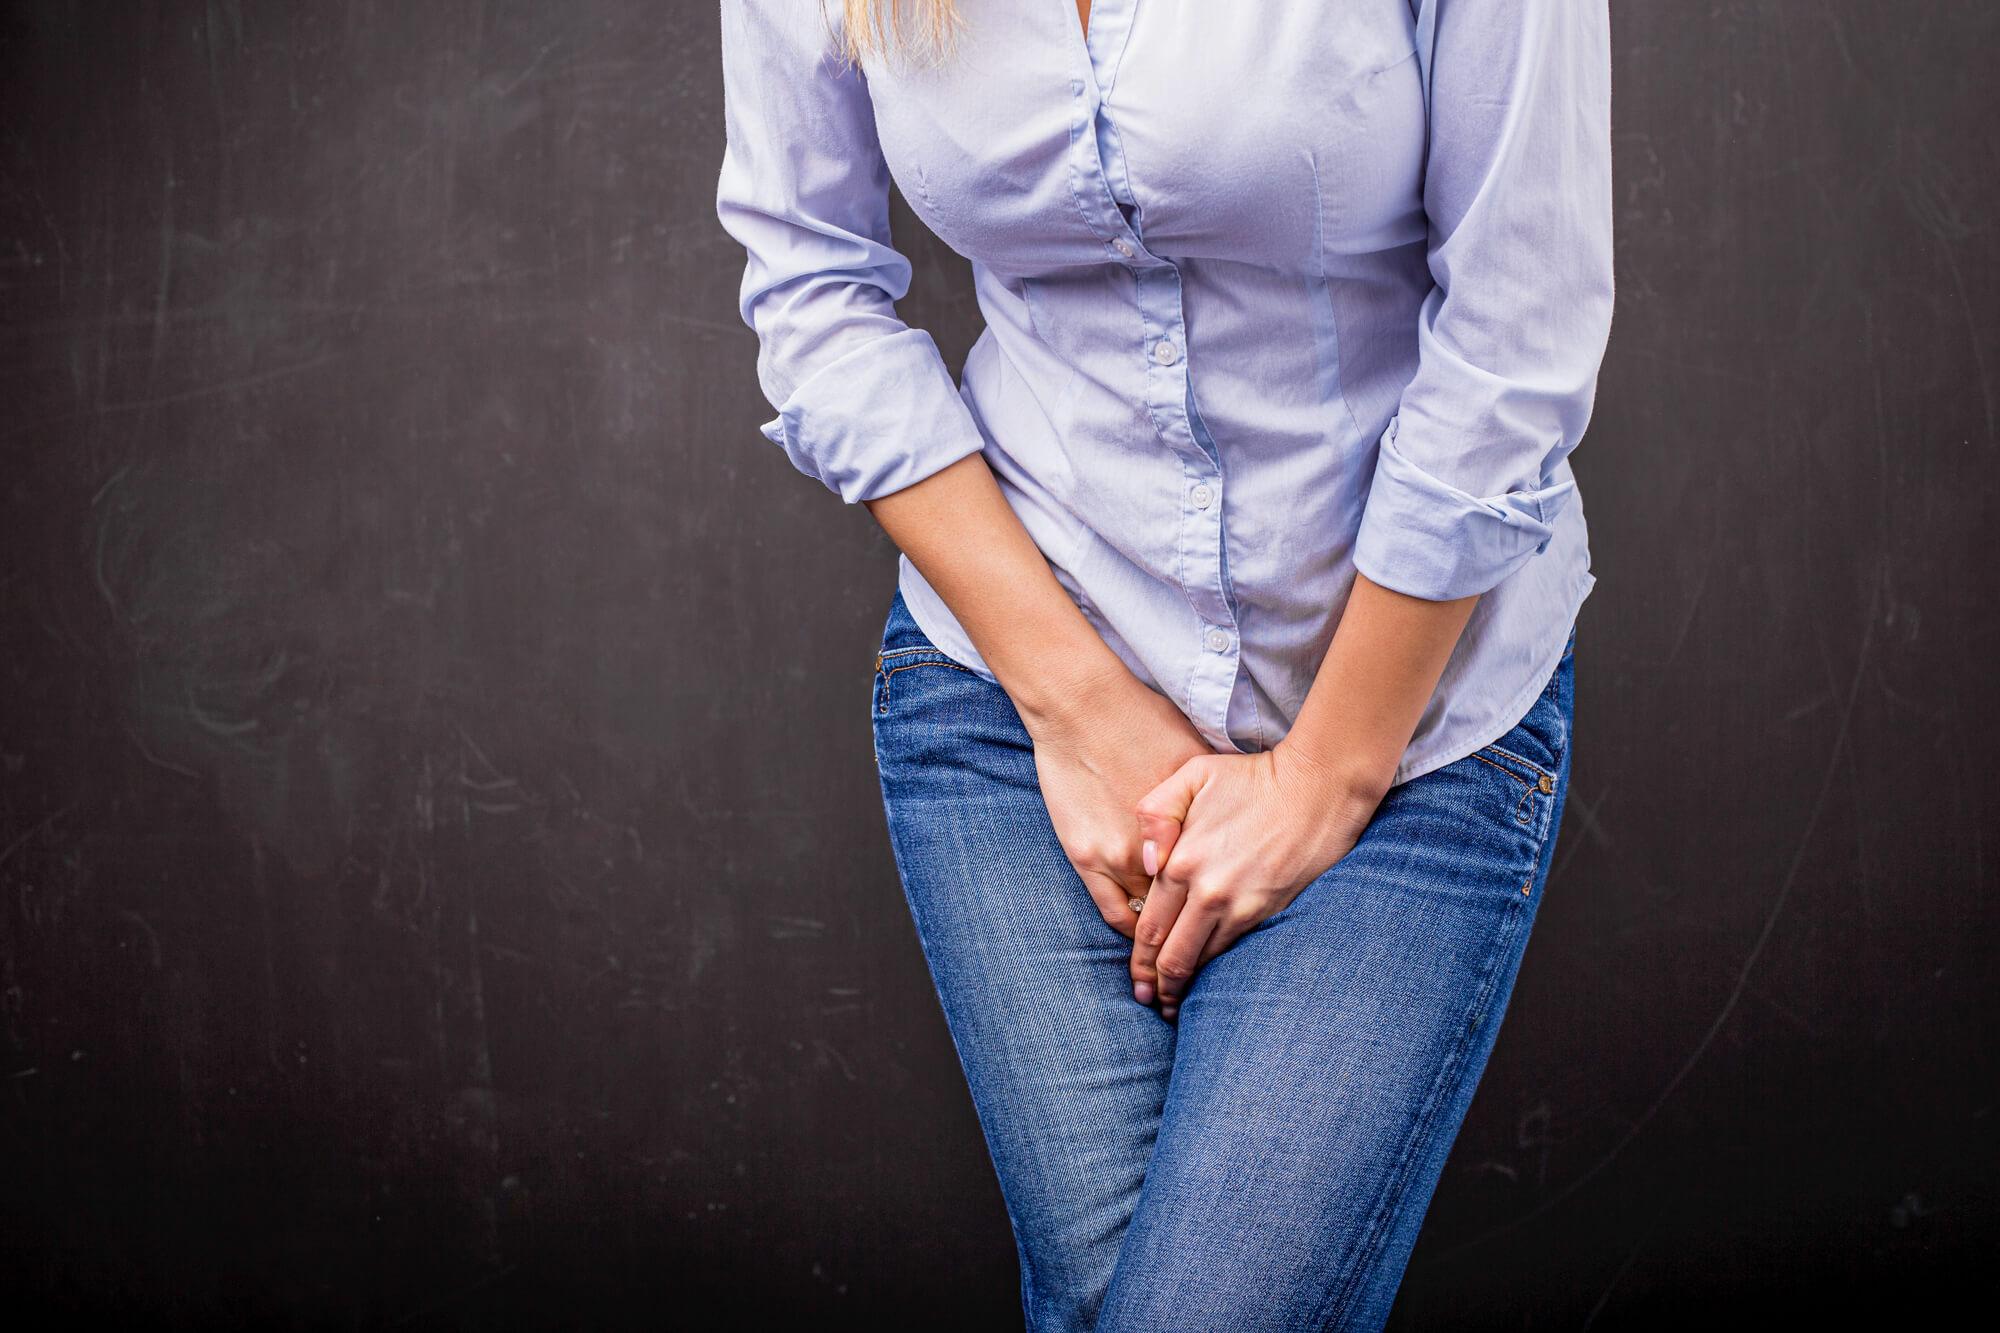 ¿Cómo prevenir las infecciones urinarias en las mujeres?